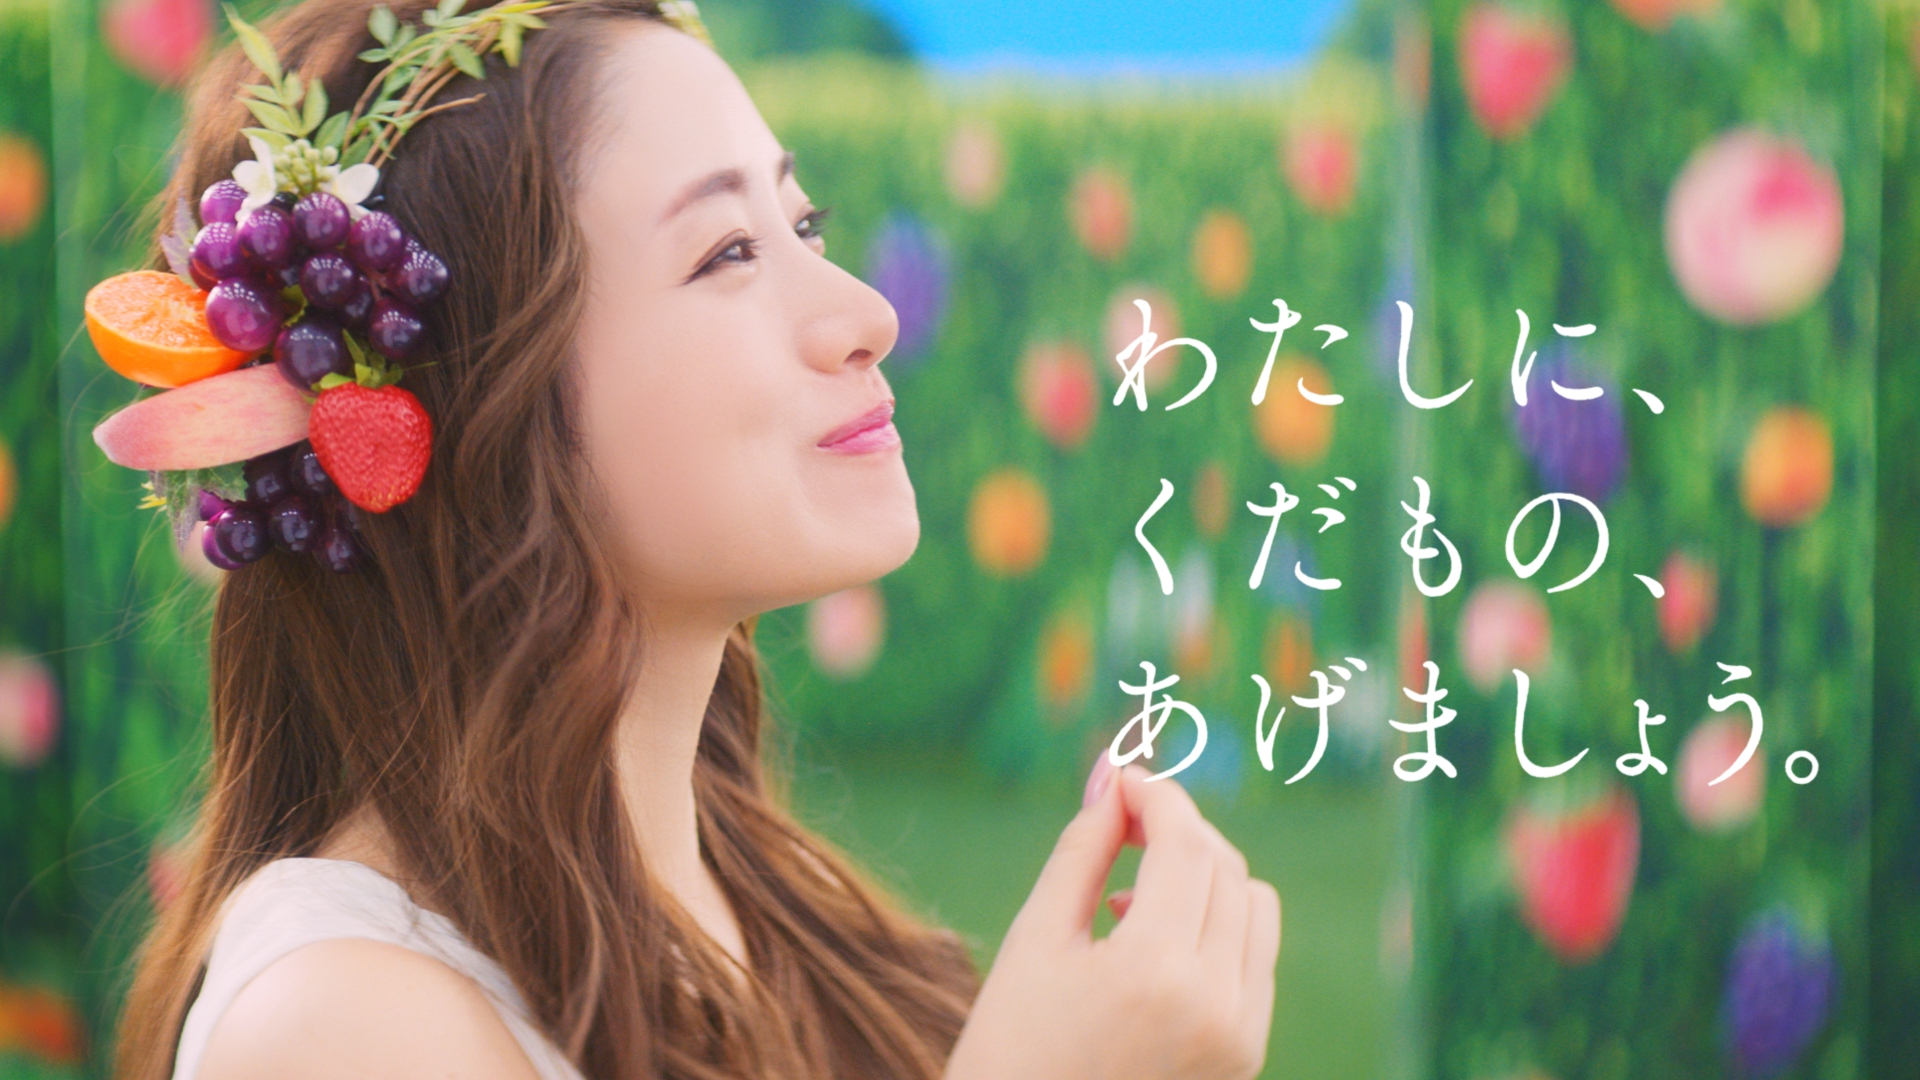 石原さとみ/「果汁グミ」TVCM